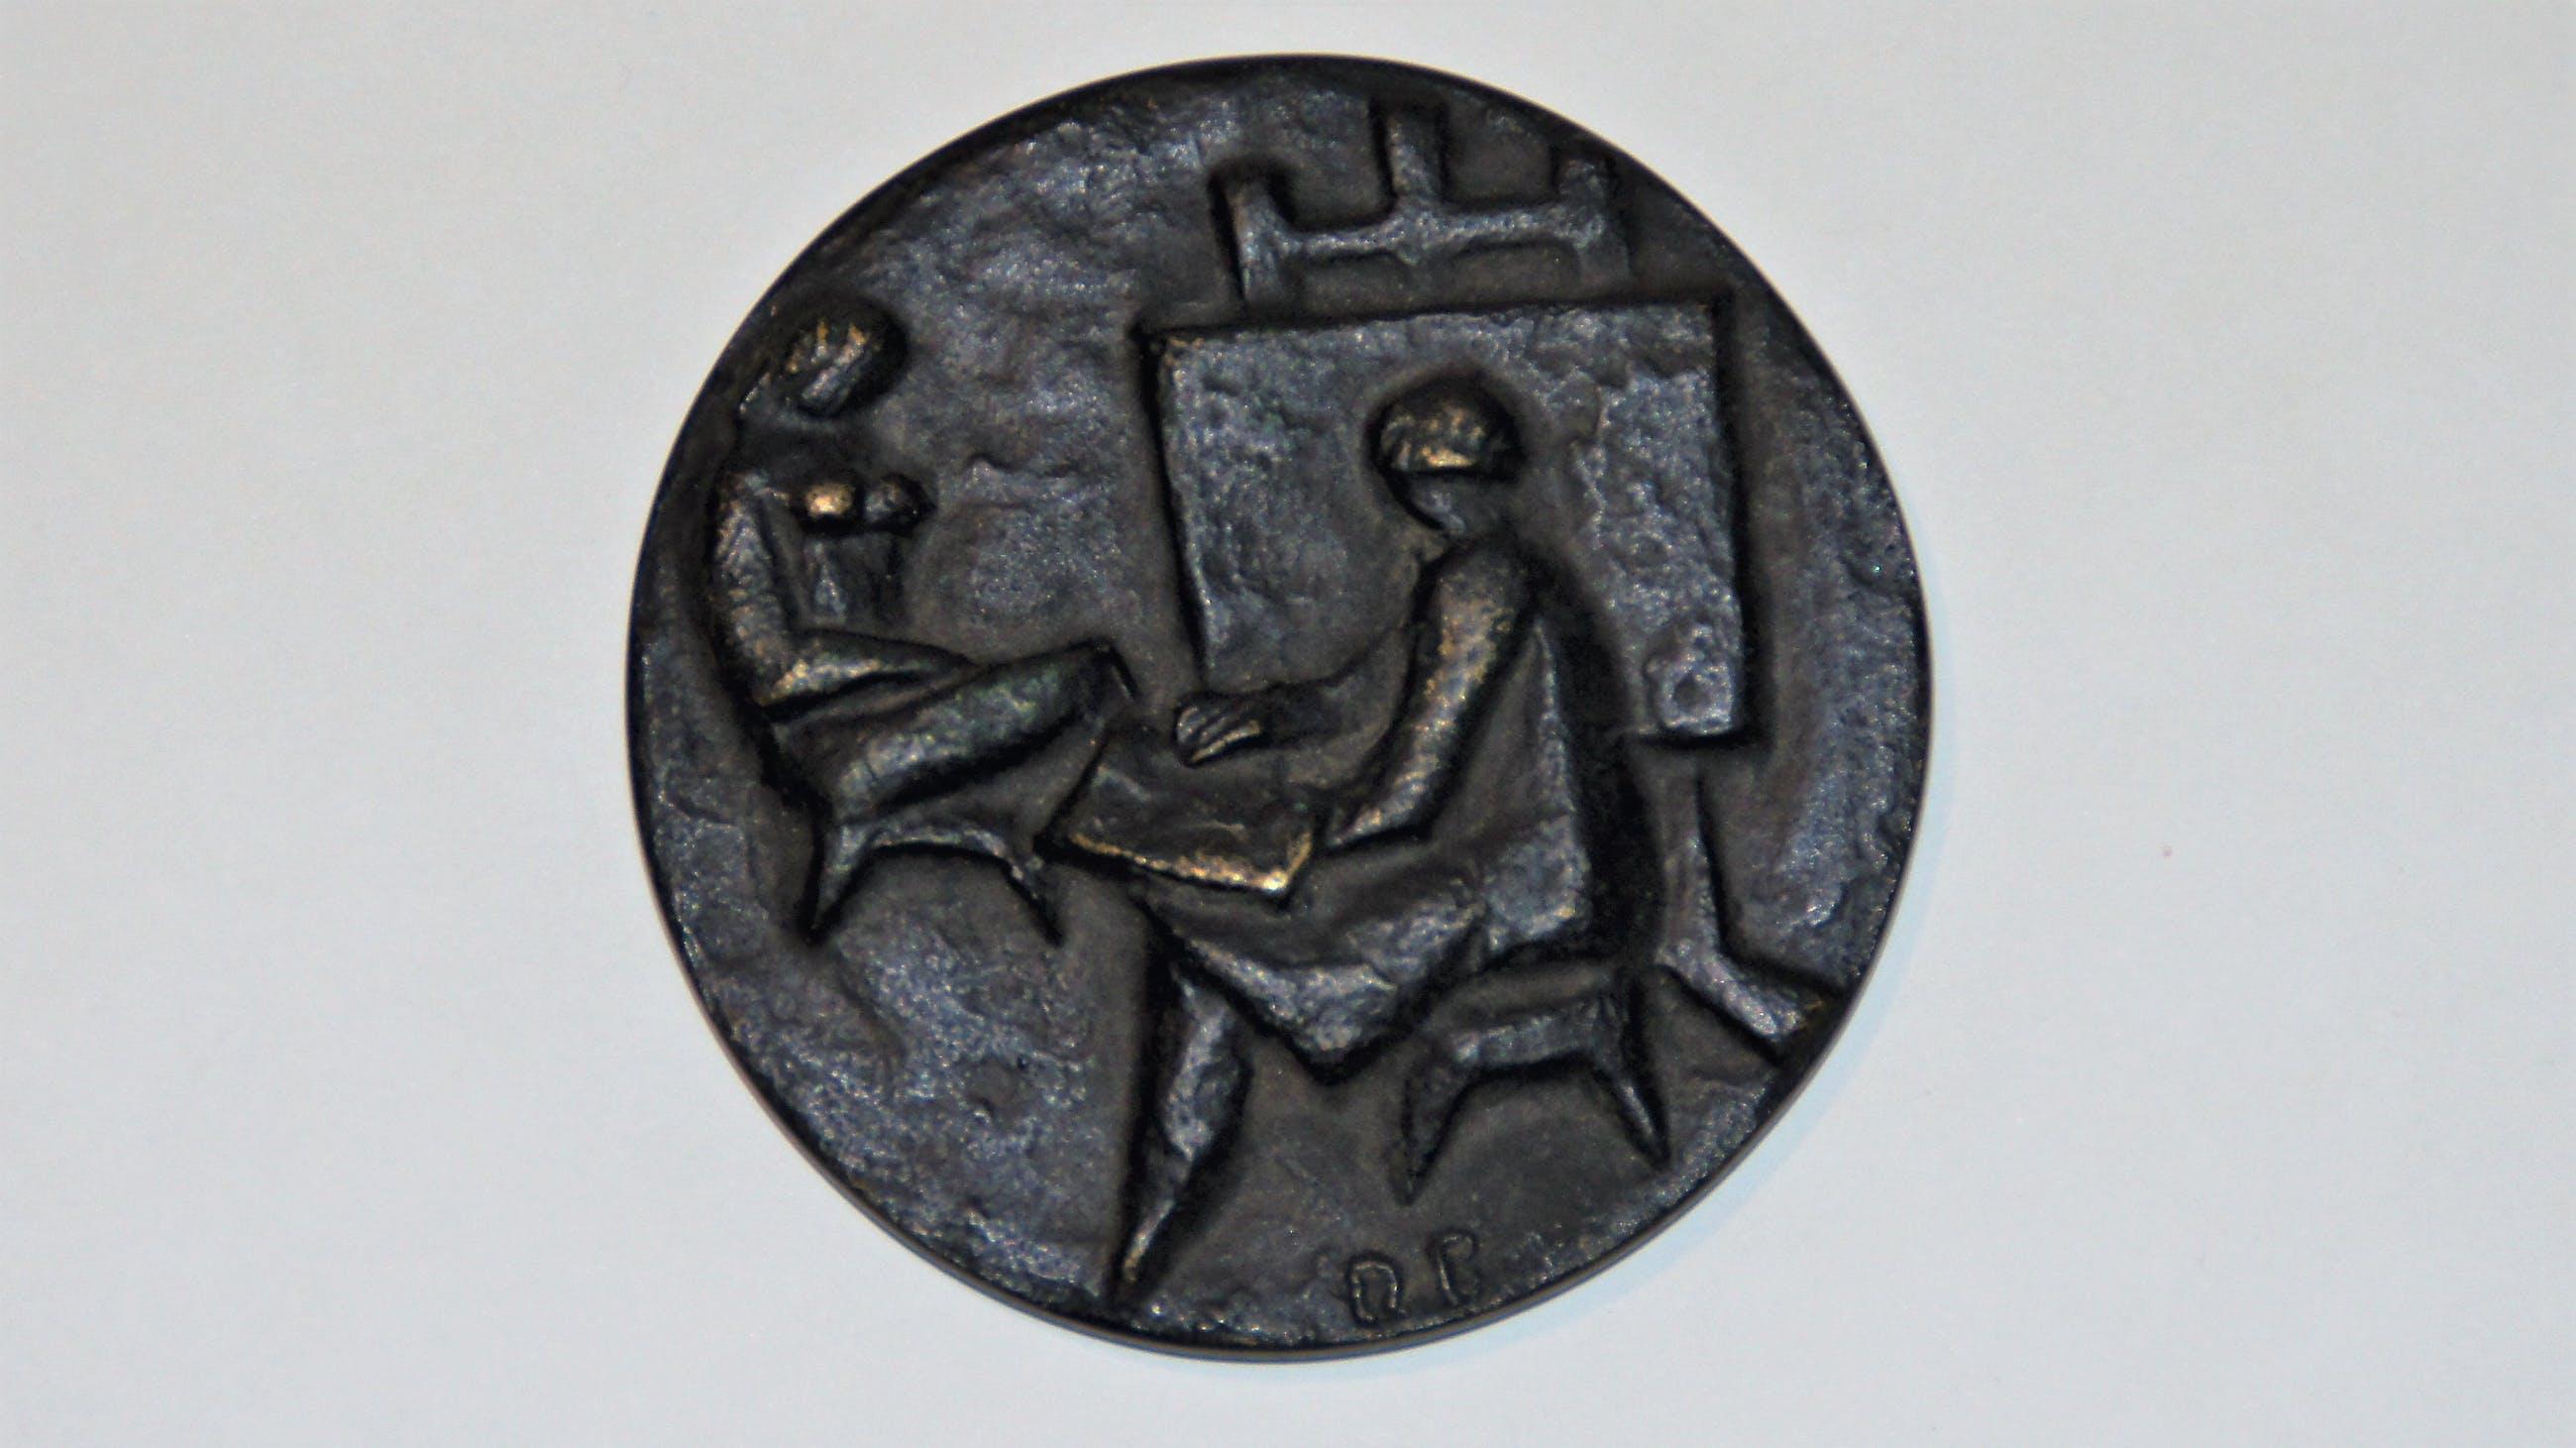 Albert Termote - Bronzen penning: Maecenas-penning Pulchri Studio Den Haag, 1969 kopen? Bied vanaf 50!